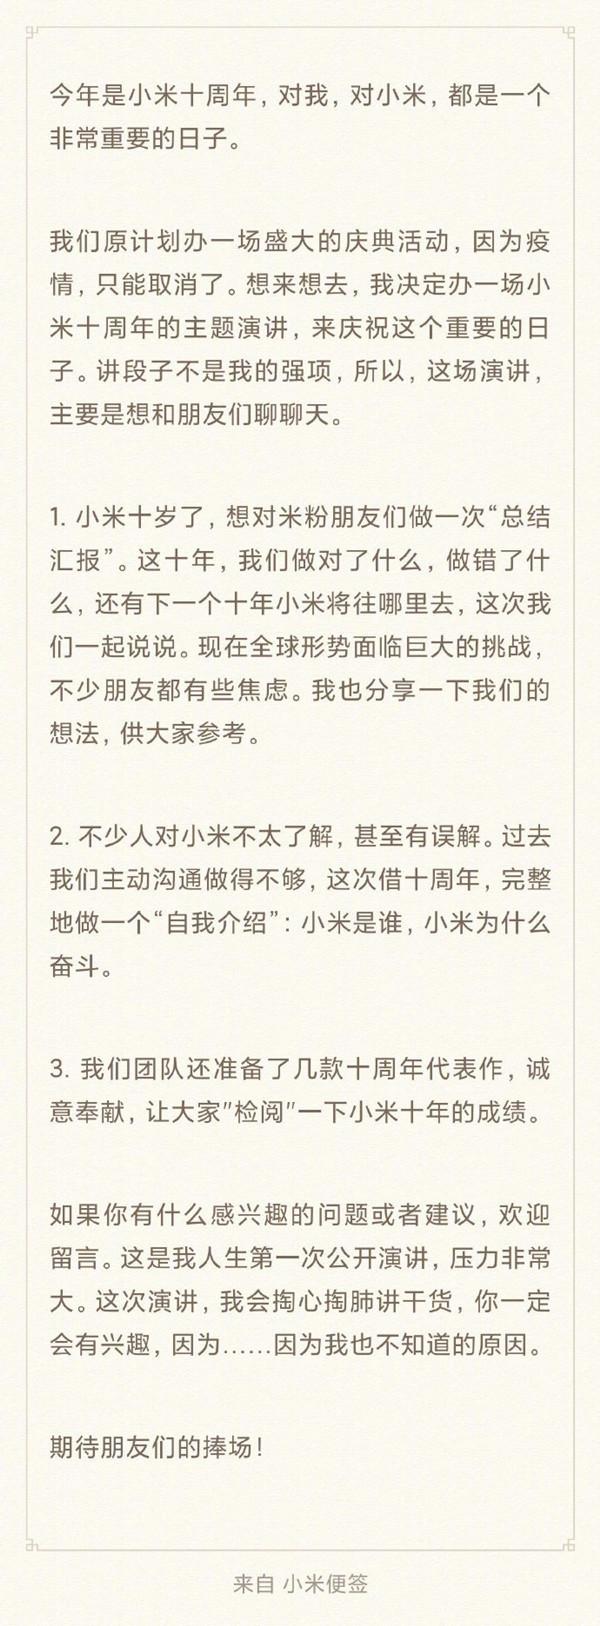 雷军宣布举行小米十周年主题演讲